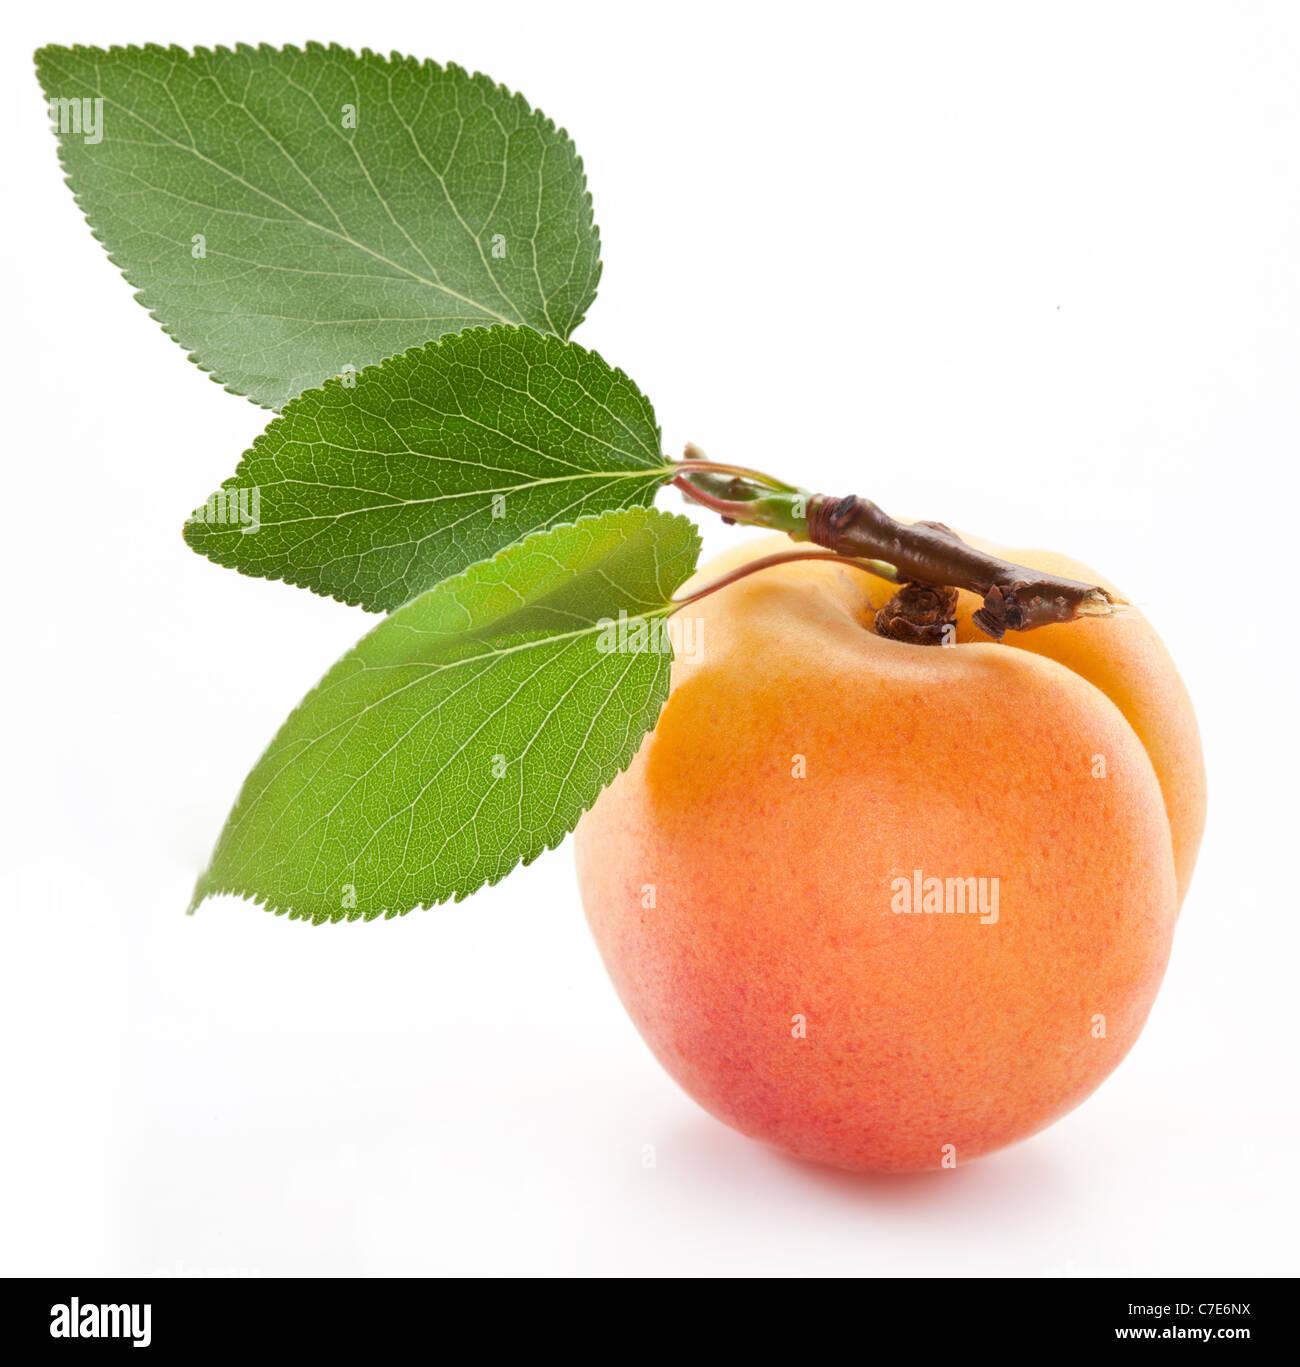 Aprikose mit Blatt auf einem weißen Hintergrund. Stockbild